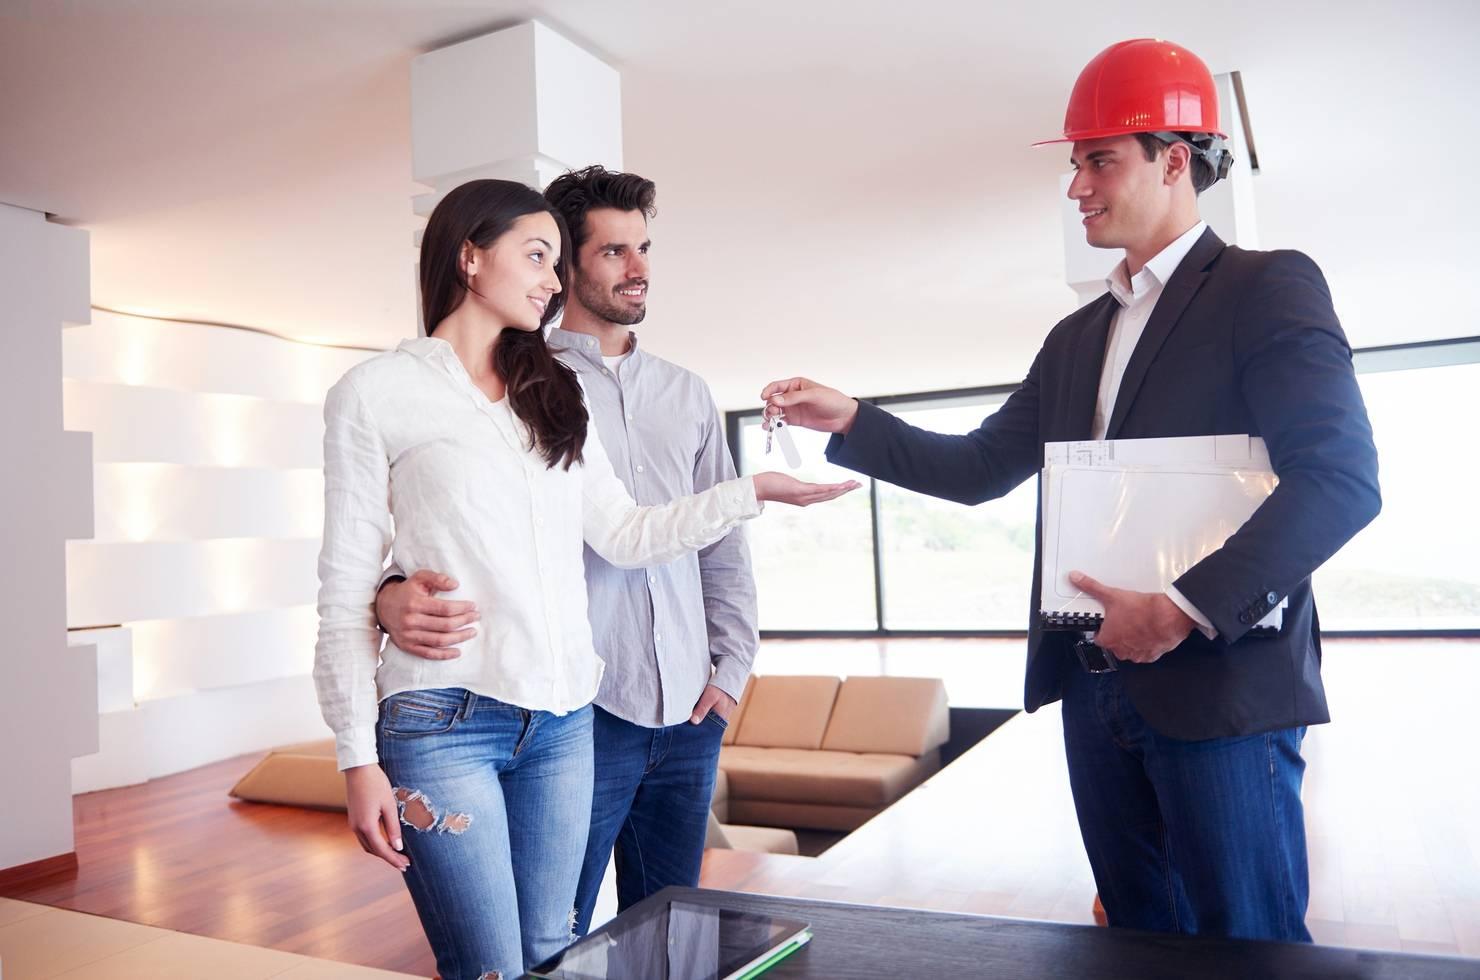 Как правильно снять квартиру: алгоритм, полезные советы и неочевидные нюансы